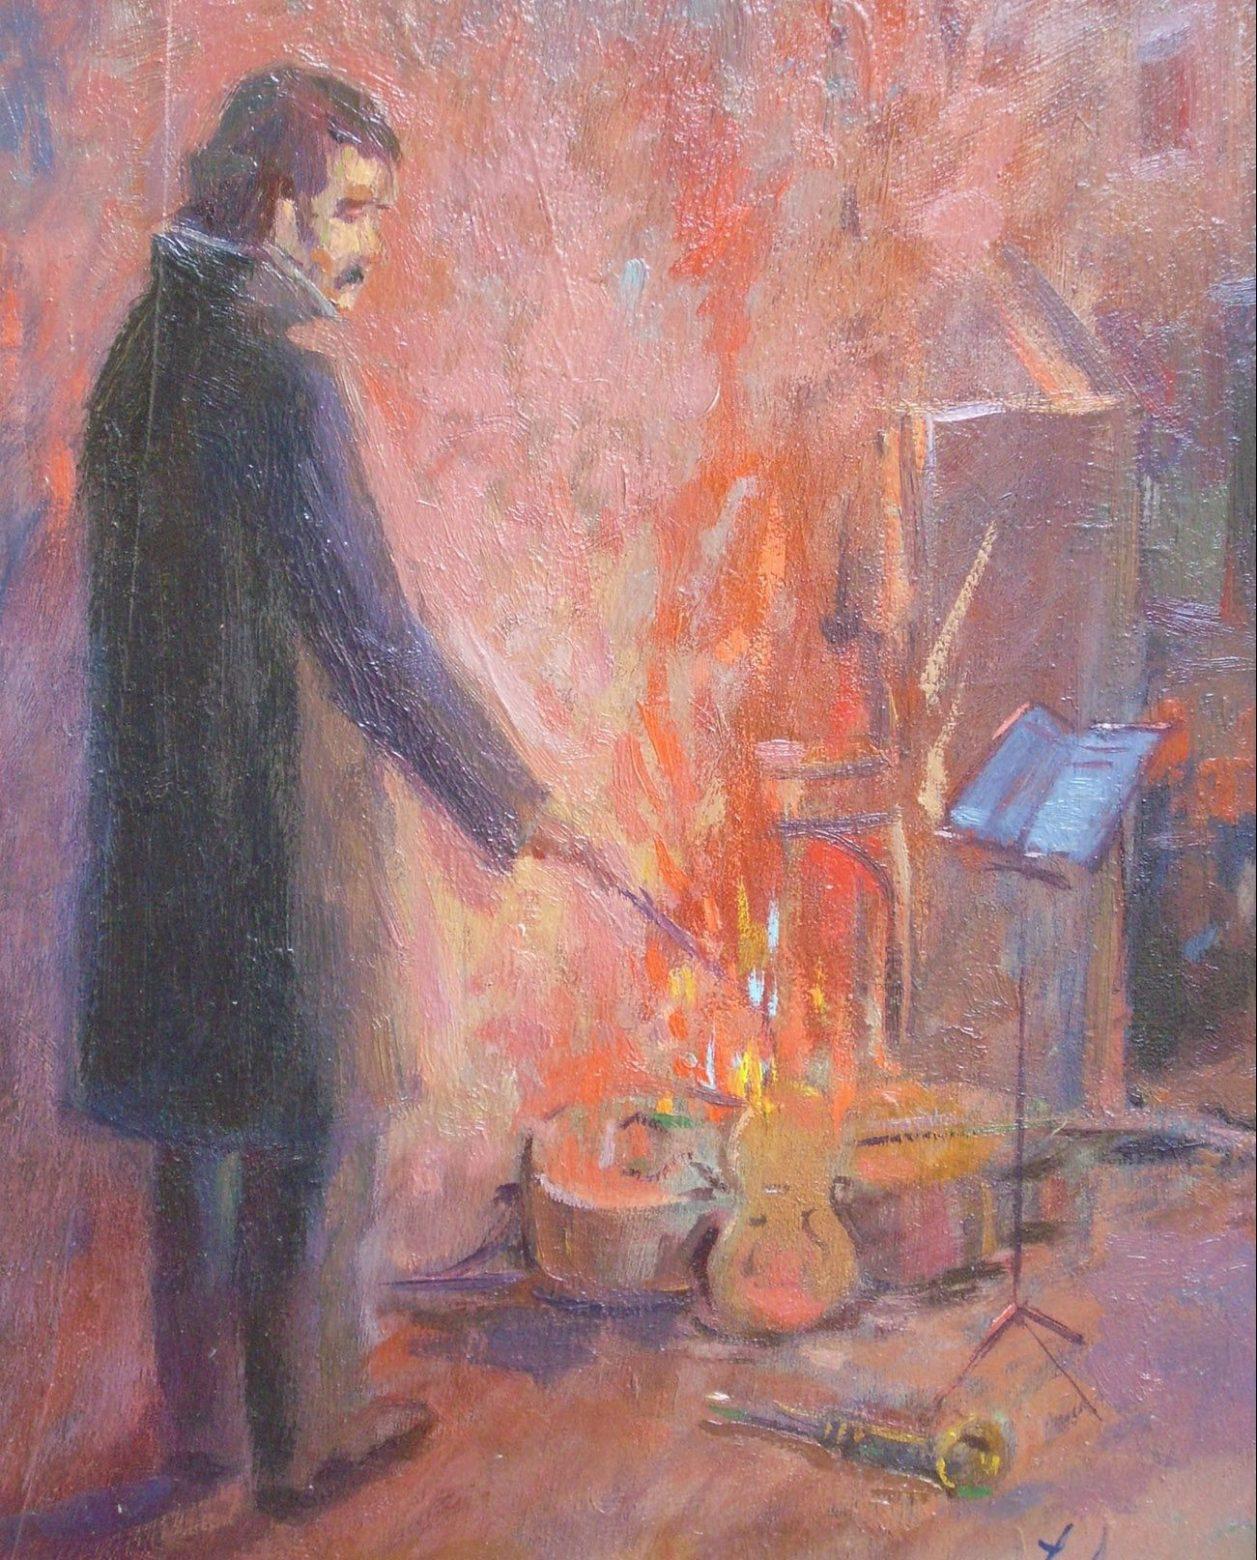 Juan Amo. 1959. El Valor del Arte. Óleo - Tabla. Colección Privada.